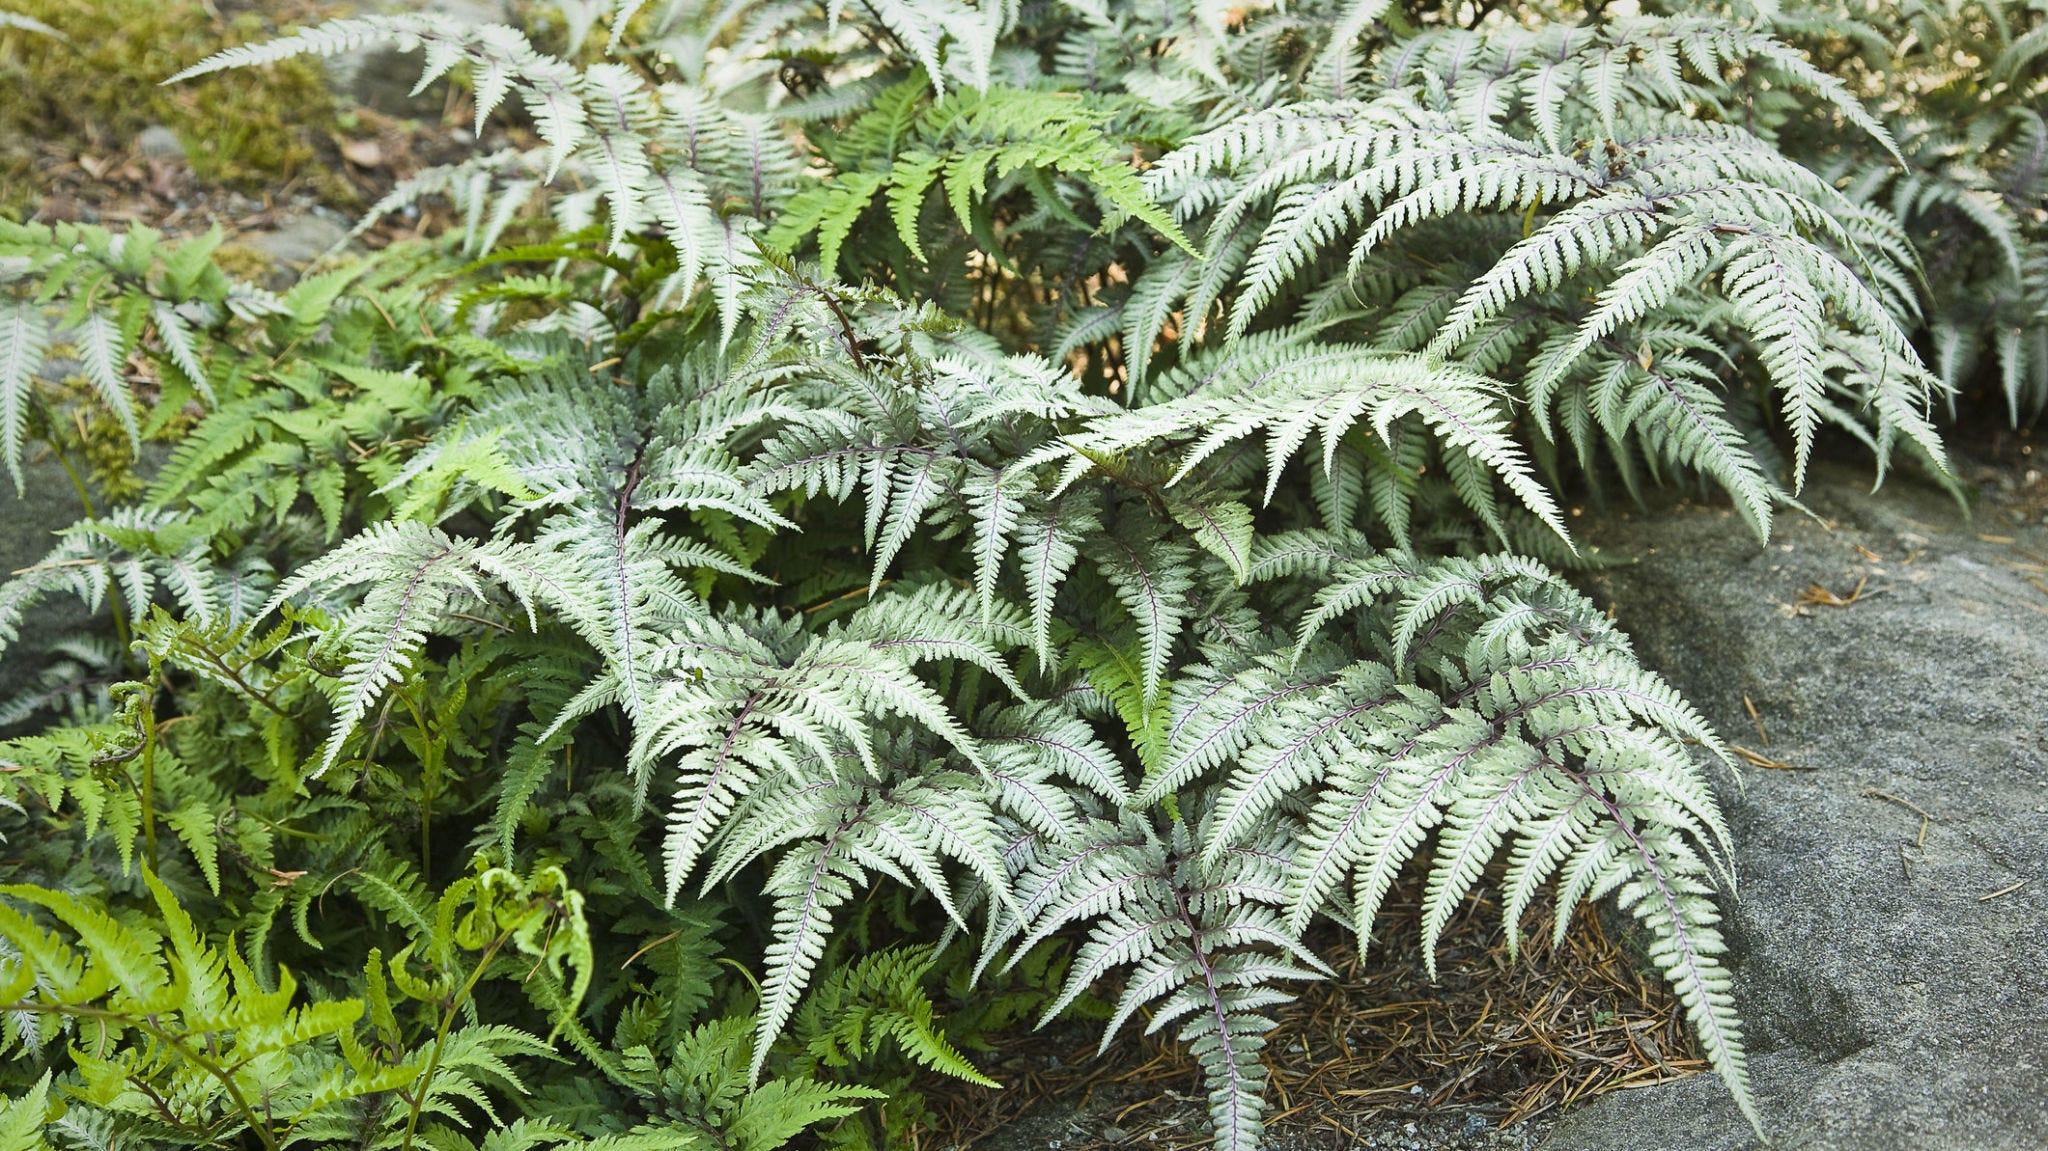 Plant, Vegetation, Terrestrial plant, Flower, Leaf, Ferns and horsetails, Vascular plant, Tree, Fern, Botany,